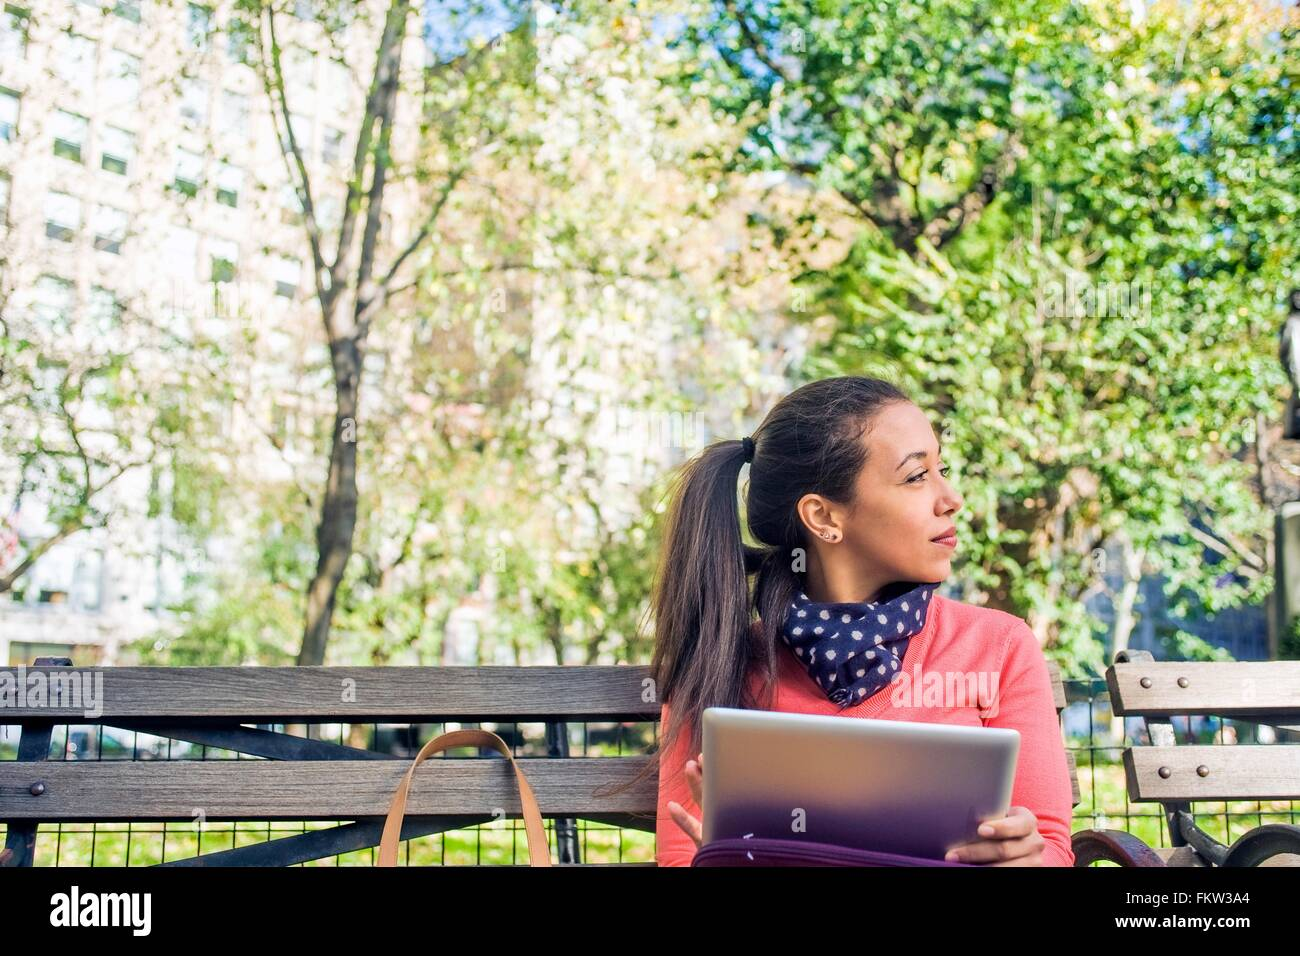 Mujer joven busca lateralmente desde un banco del parque mientras utilizando tablet digital Foto de stock